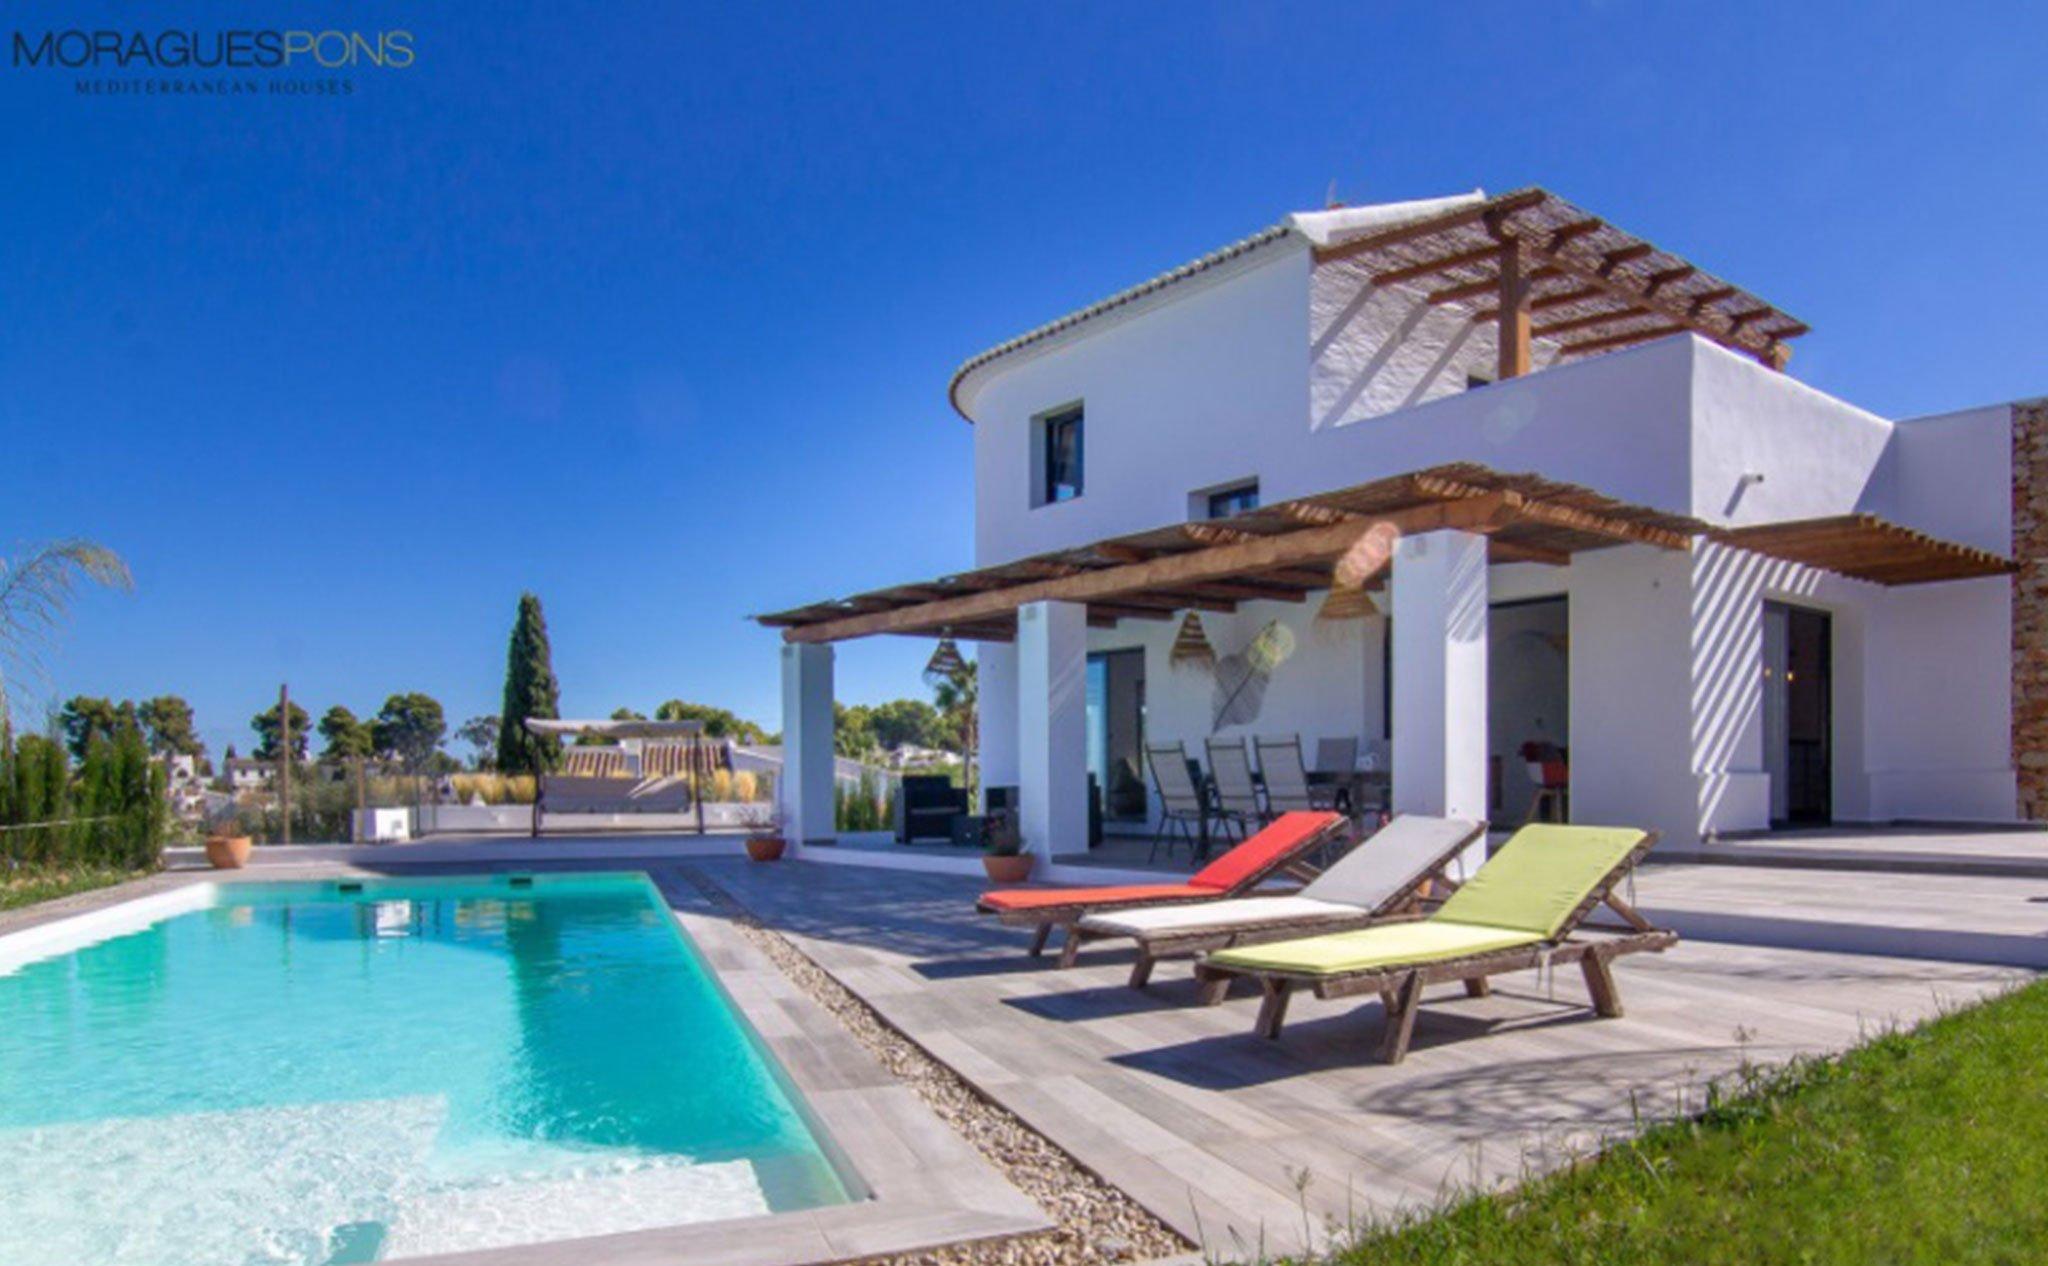 Piscina de una villa en venta en Jávea en la zona de Cap Martí – Pinomar – MORAGUESPONS Mediterranean Houses